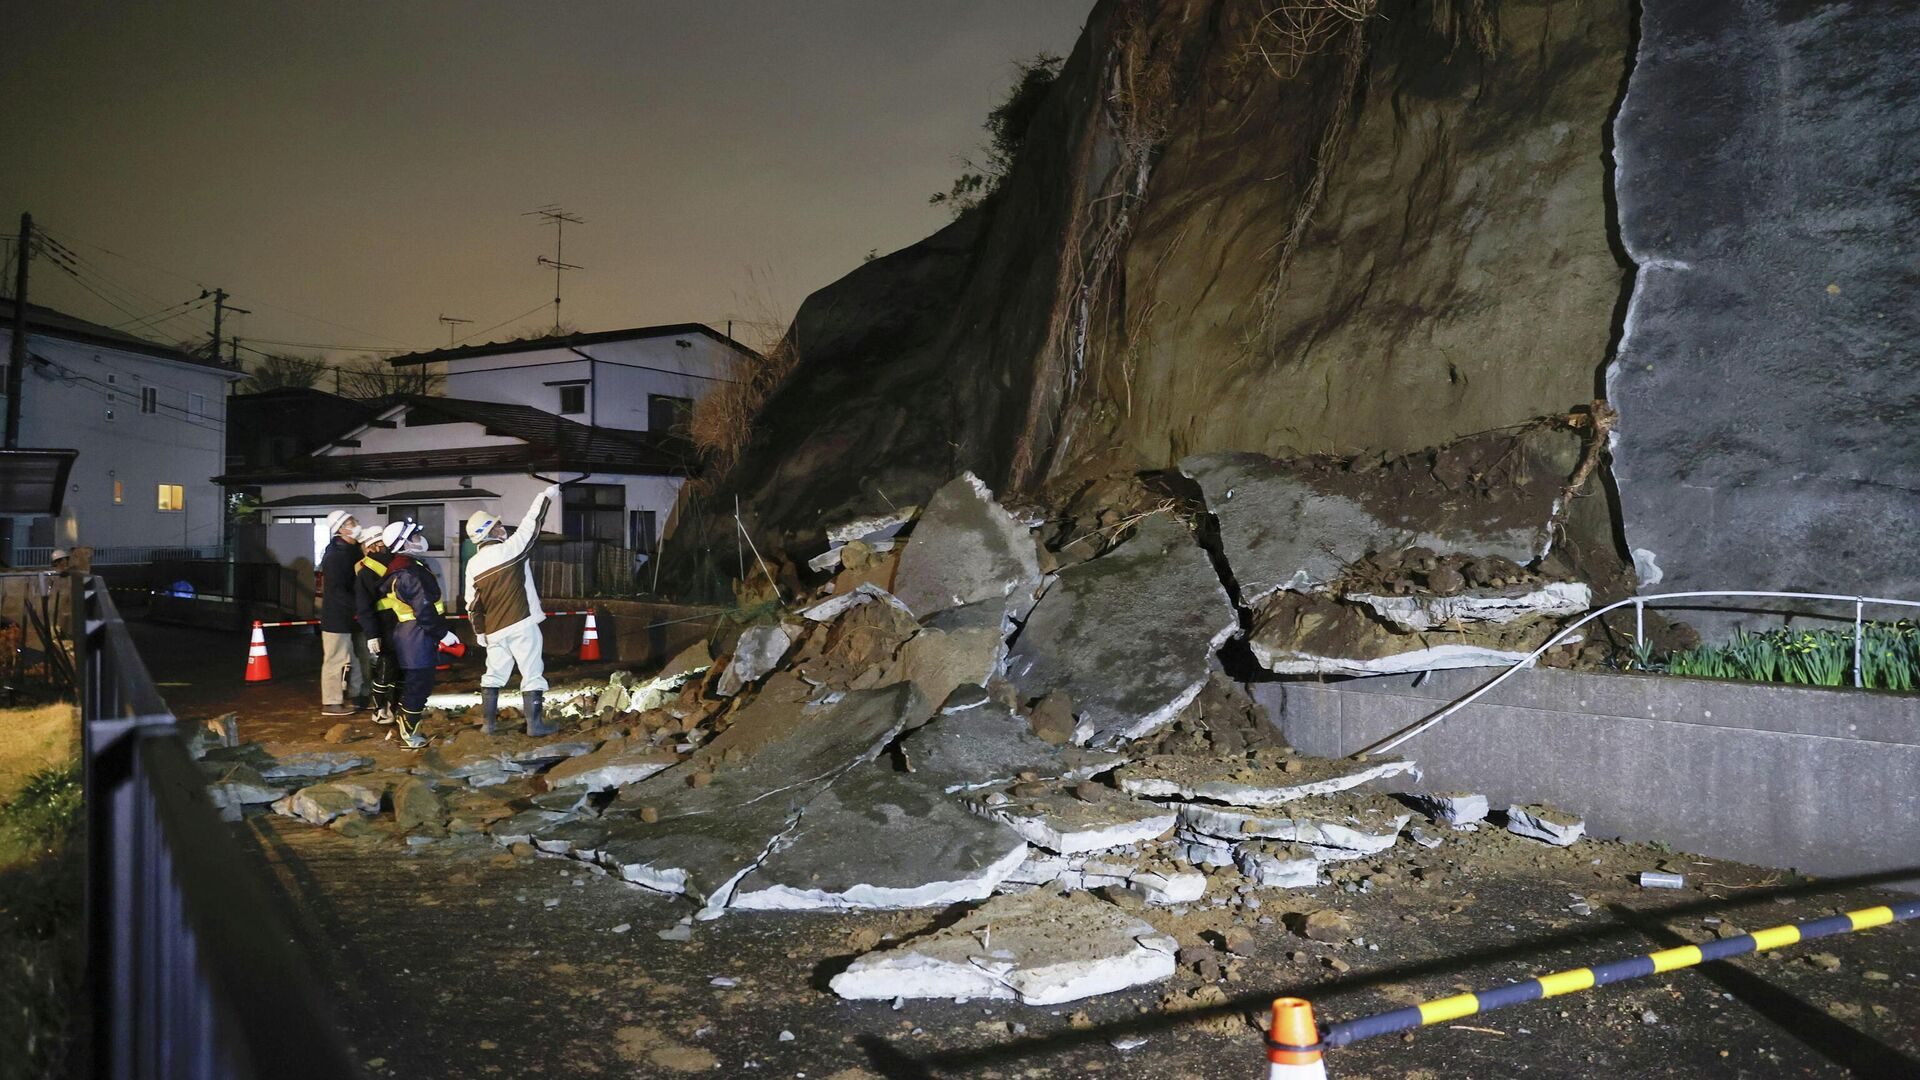 Las consecuencias del terremoto producido en la prefectura de Miyagi, Japón - Sputnik Mundo, 1920, 20.03.2021